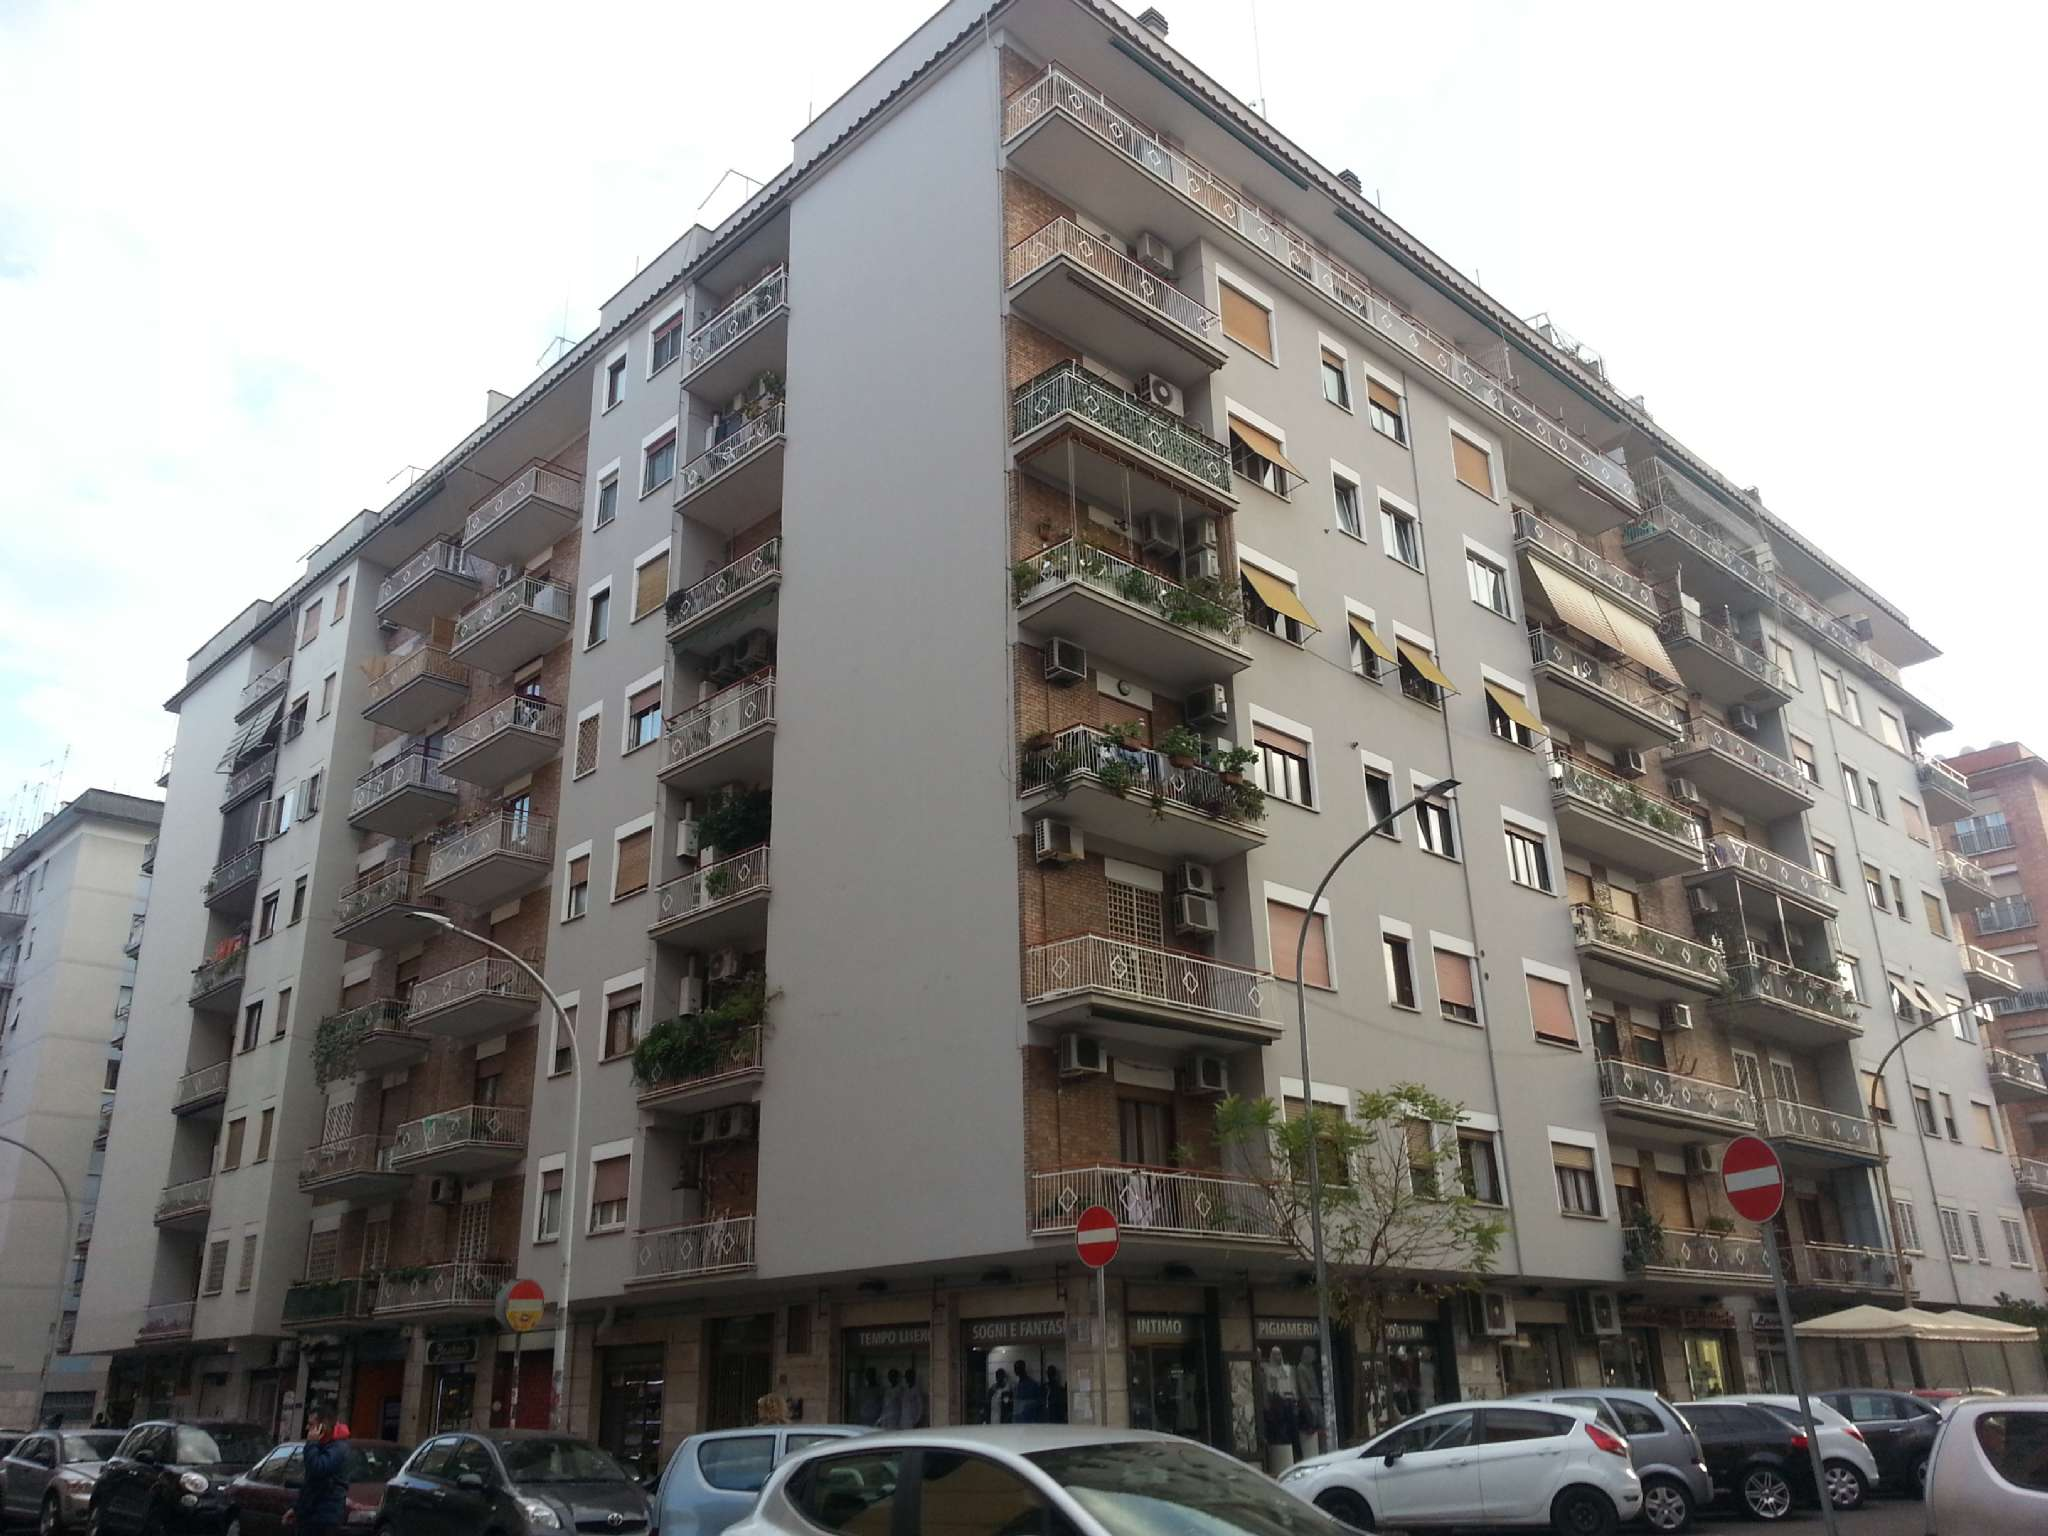 Annunci immobiliari inserzionista matrix servizi for Annunci immobiliari roma